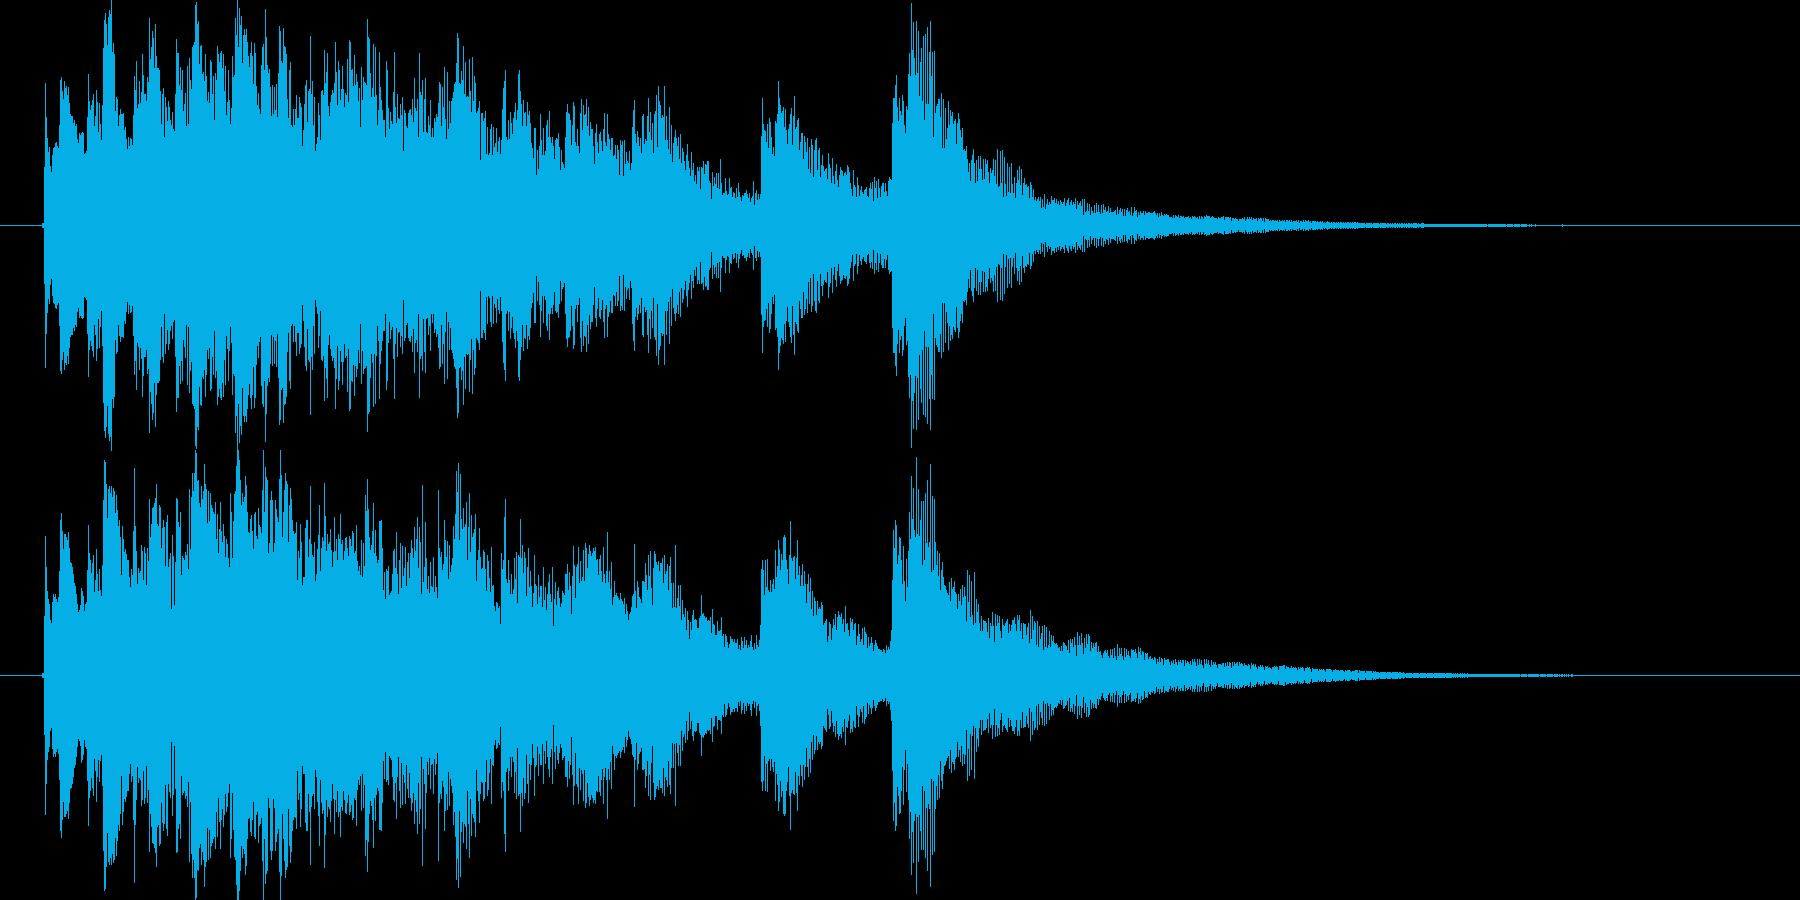 和風ショートジングル(琴)の再生済みの波形